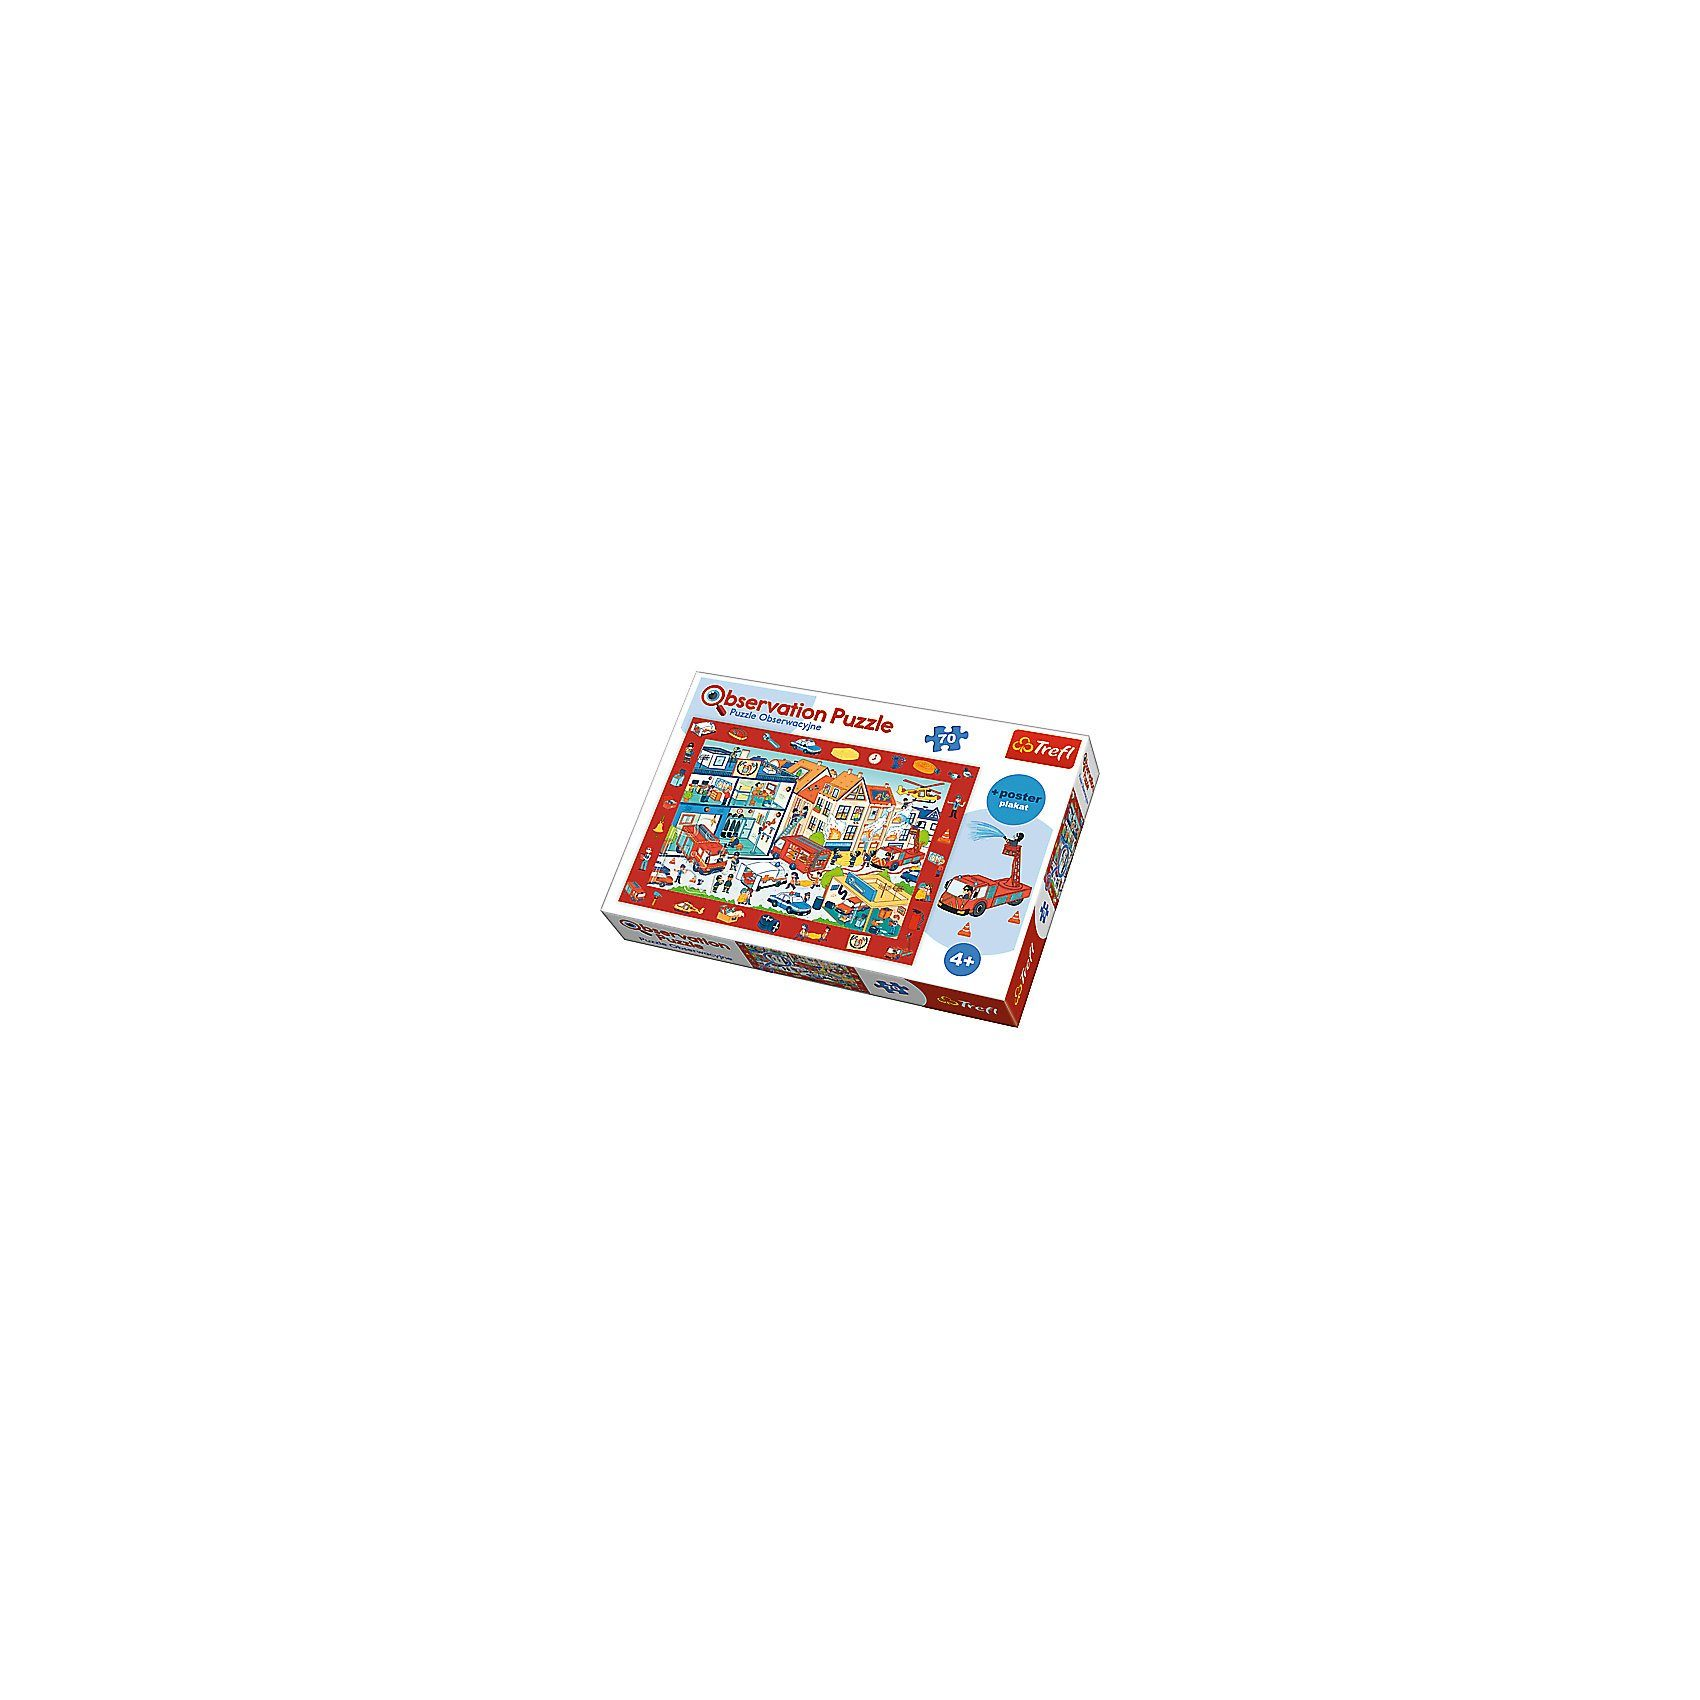 Trefl Observation Puzzle - Feuerwache (70 Teile)